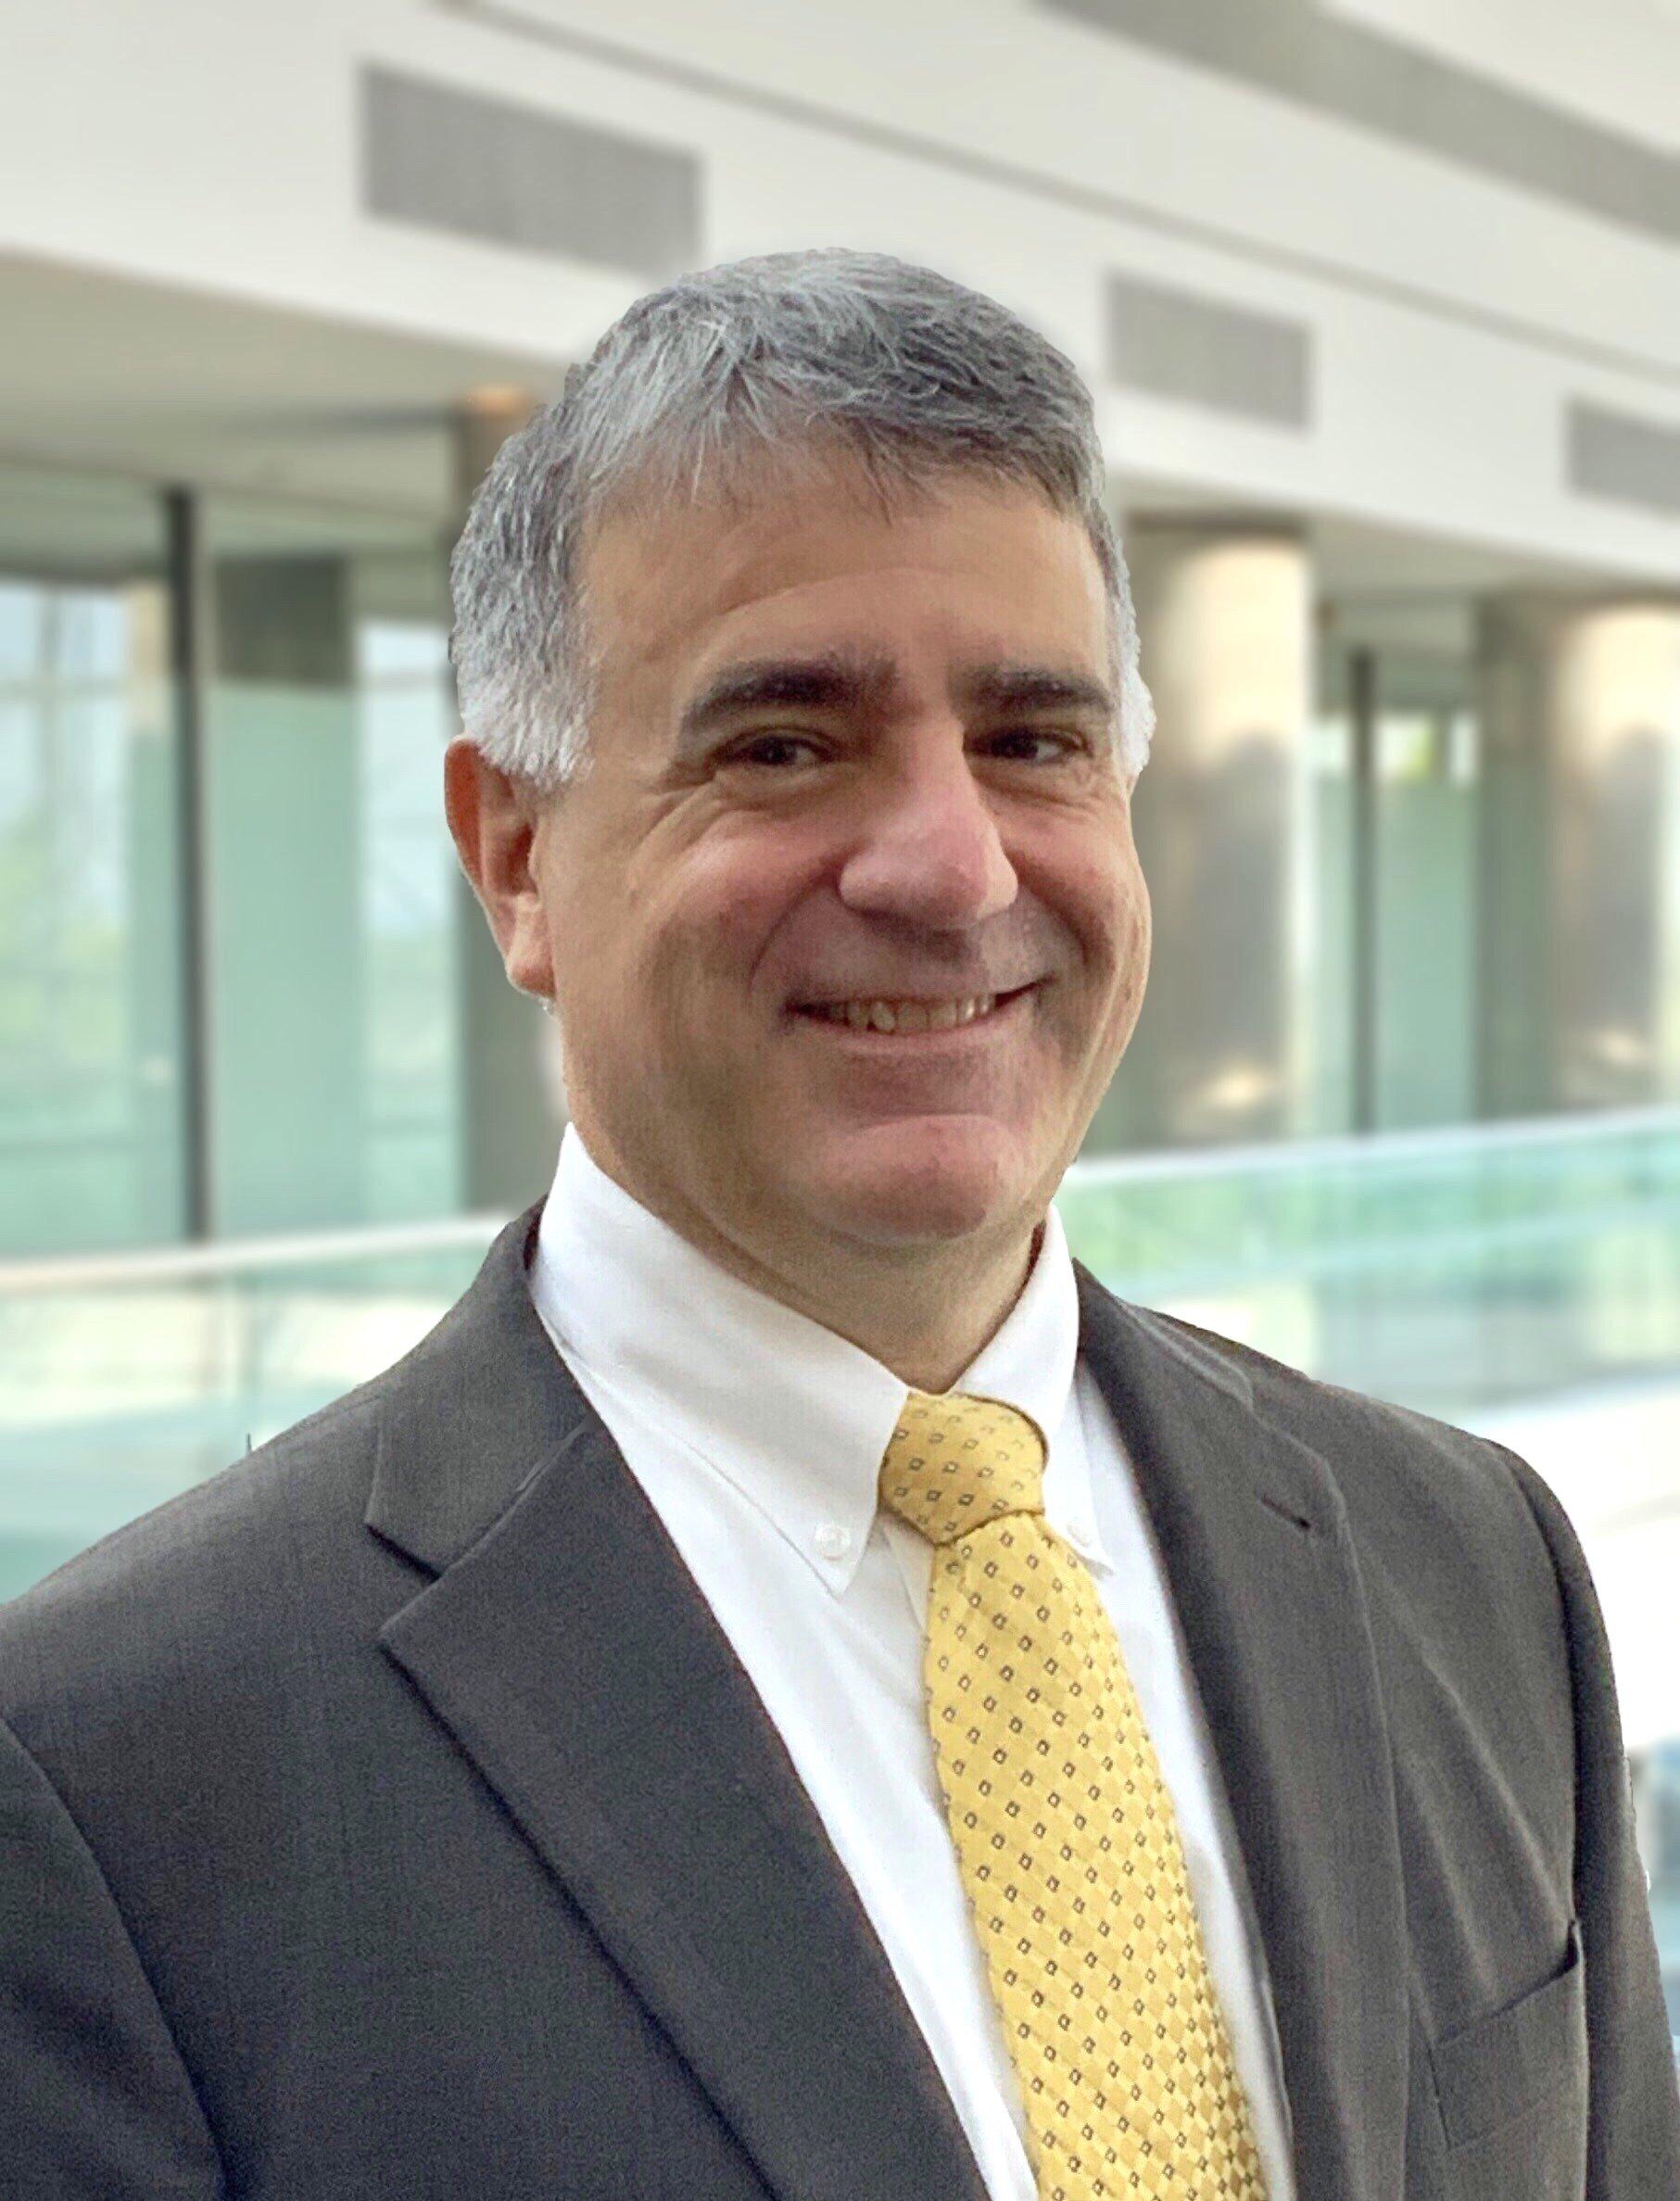 David Romola, Citizant